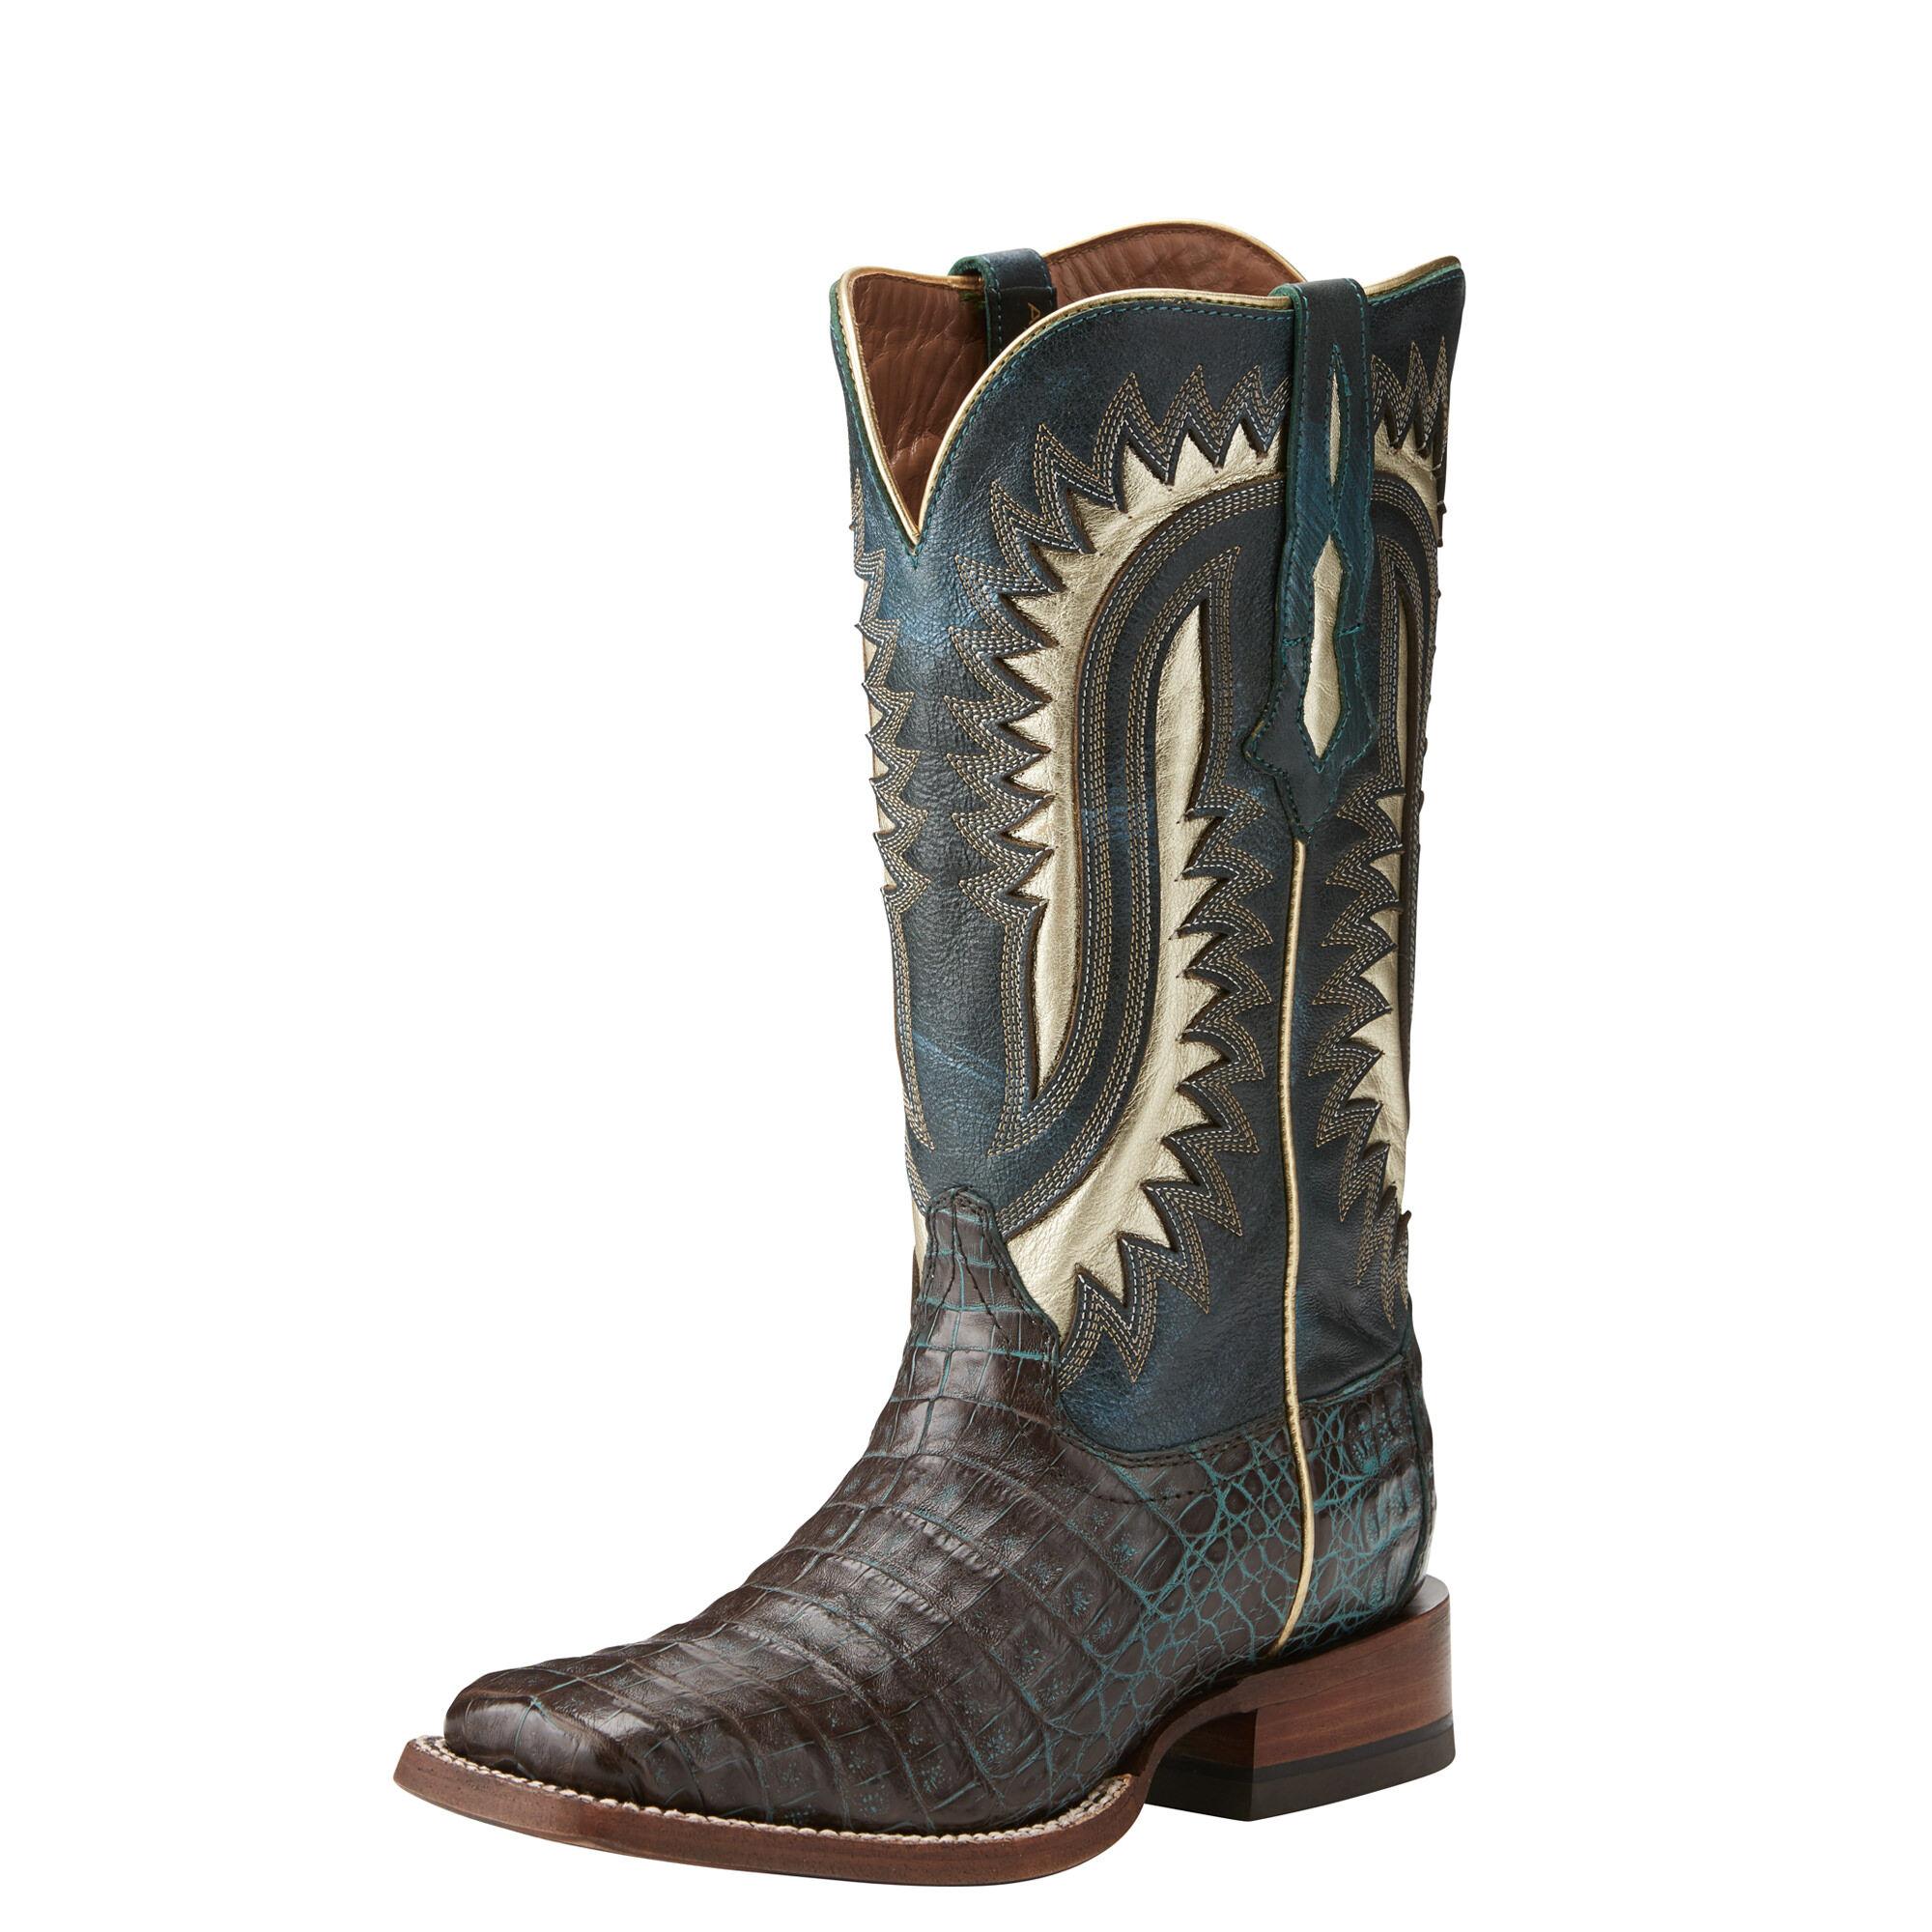 Silverado Western Boot